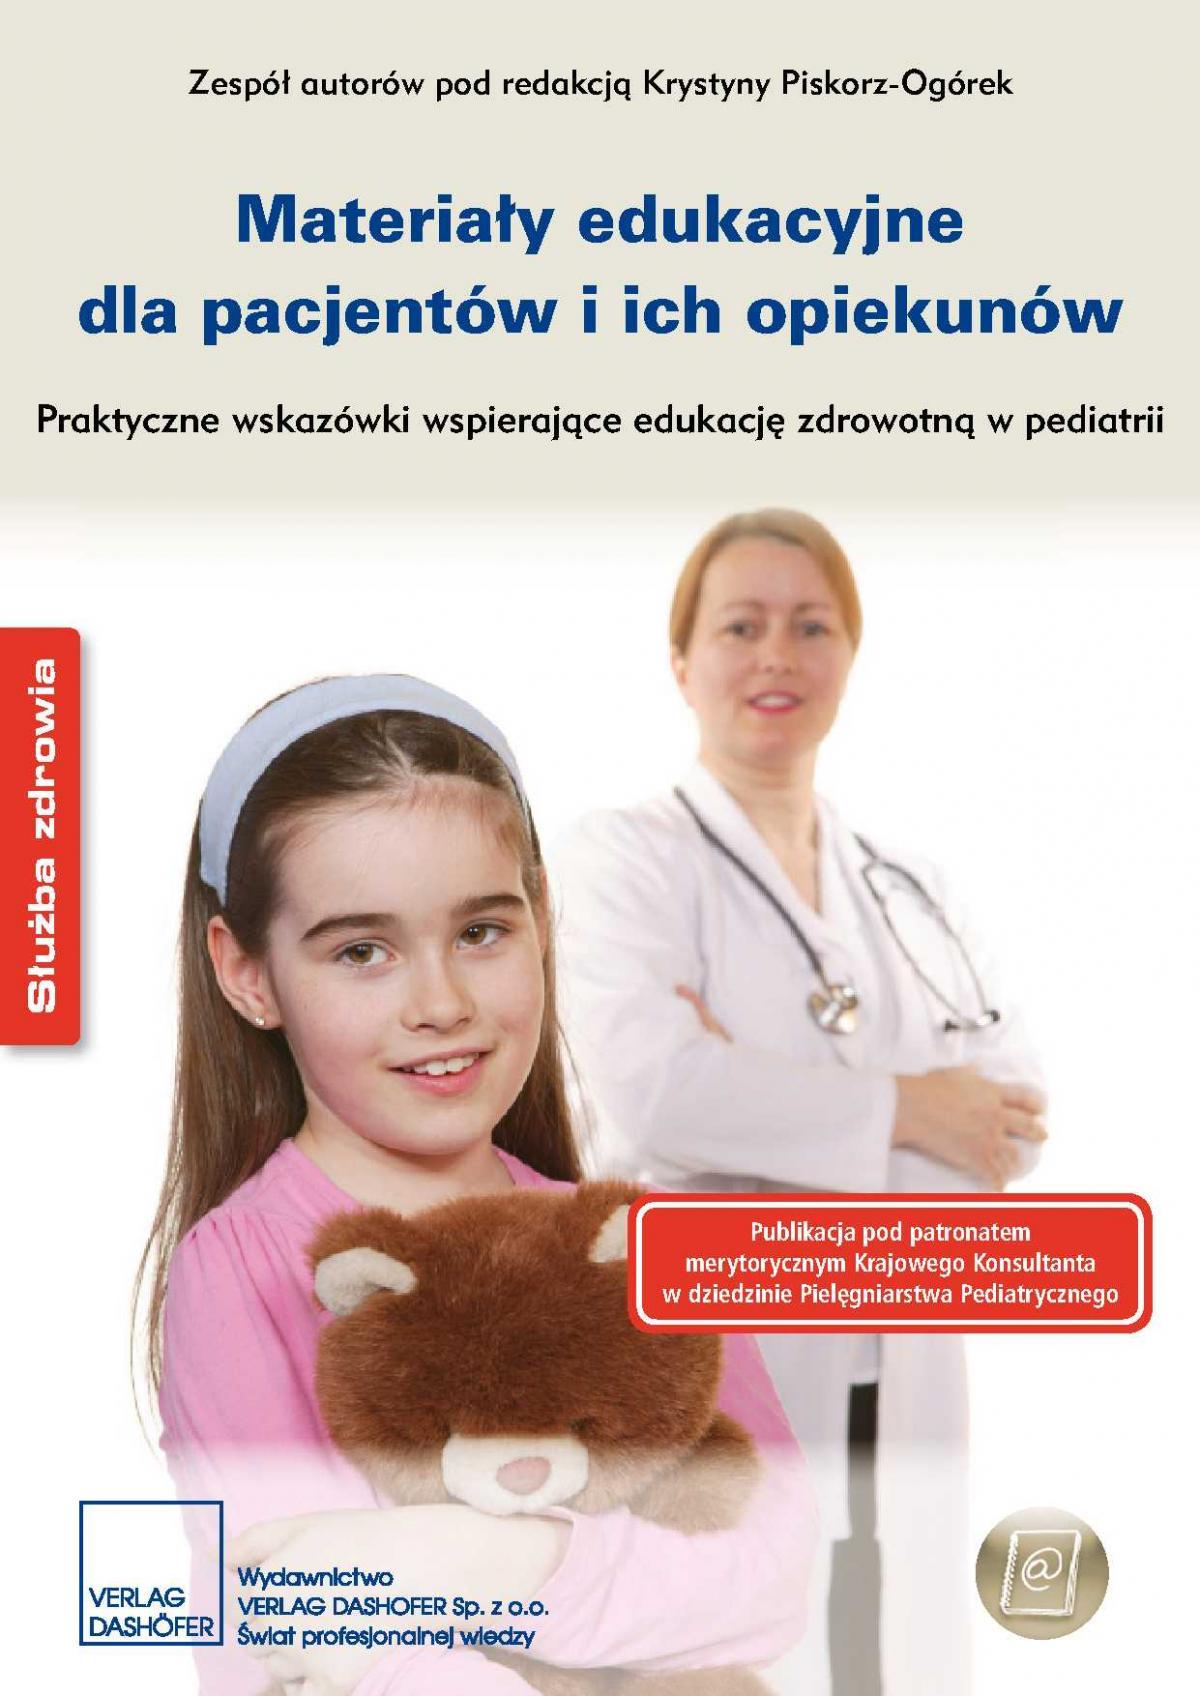 Materiały edukacyjne dla pacjentów i ich opiekunów Praktyczne wskazówki wspierające edukację zdrowotną w pediatrii - Ebook (Książka PDF) do pobrania w formacie PDF